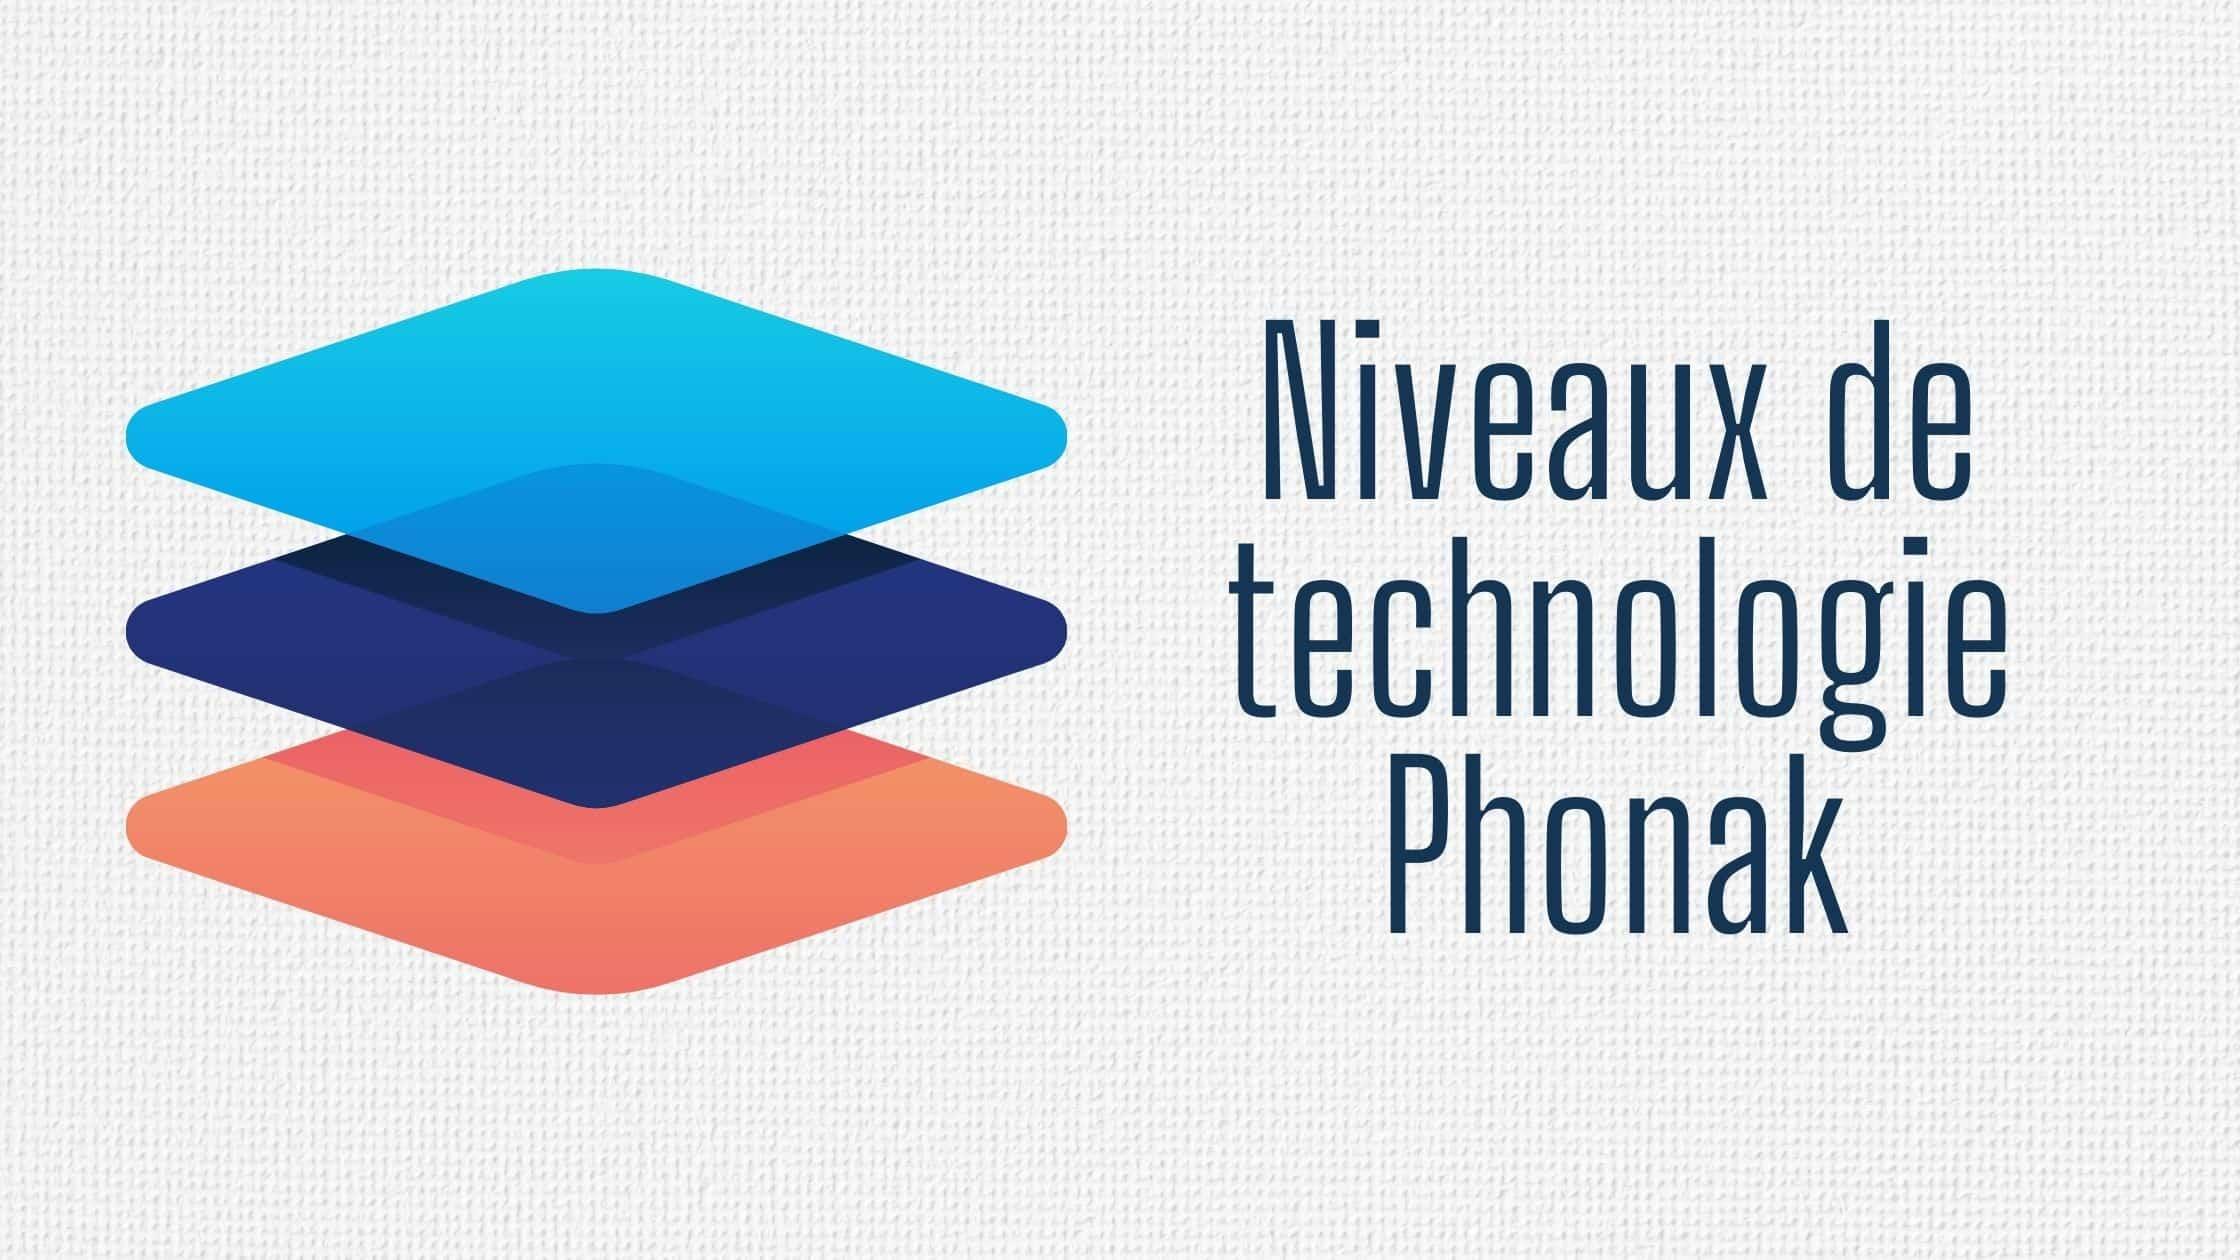 Niveaux de technologie Phonak